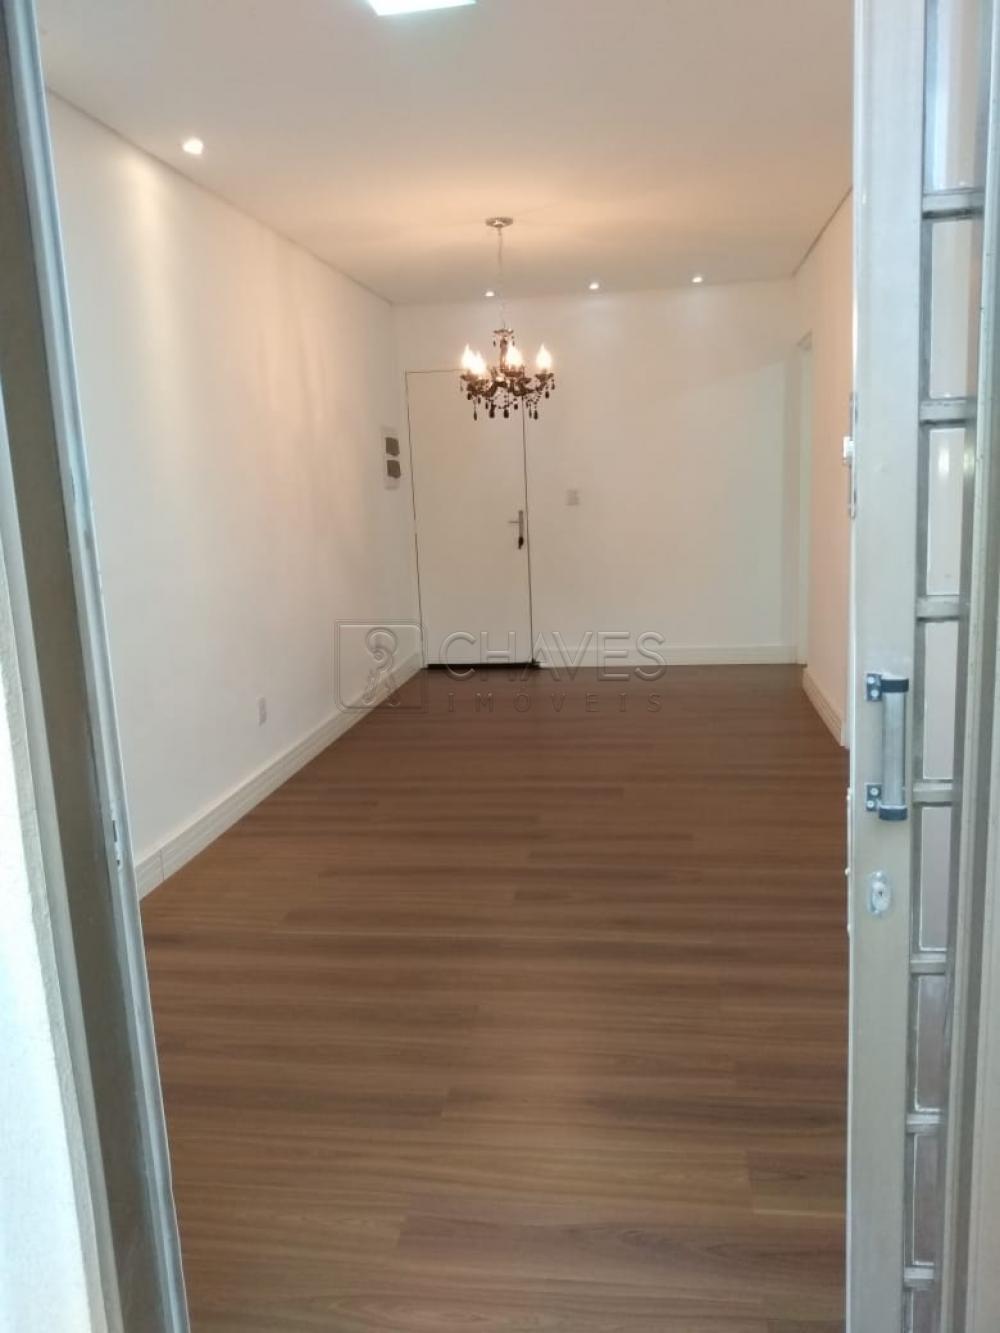 Comprar Apartamento / Padrão em Brodowski R$ 150.000,00 - Foto 4